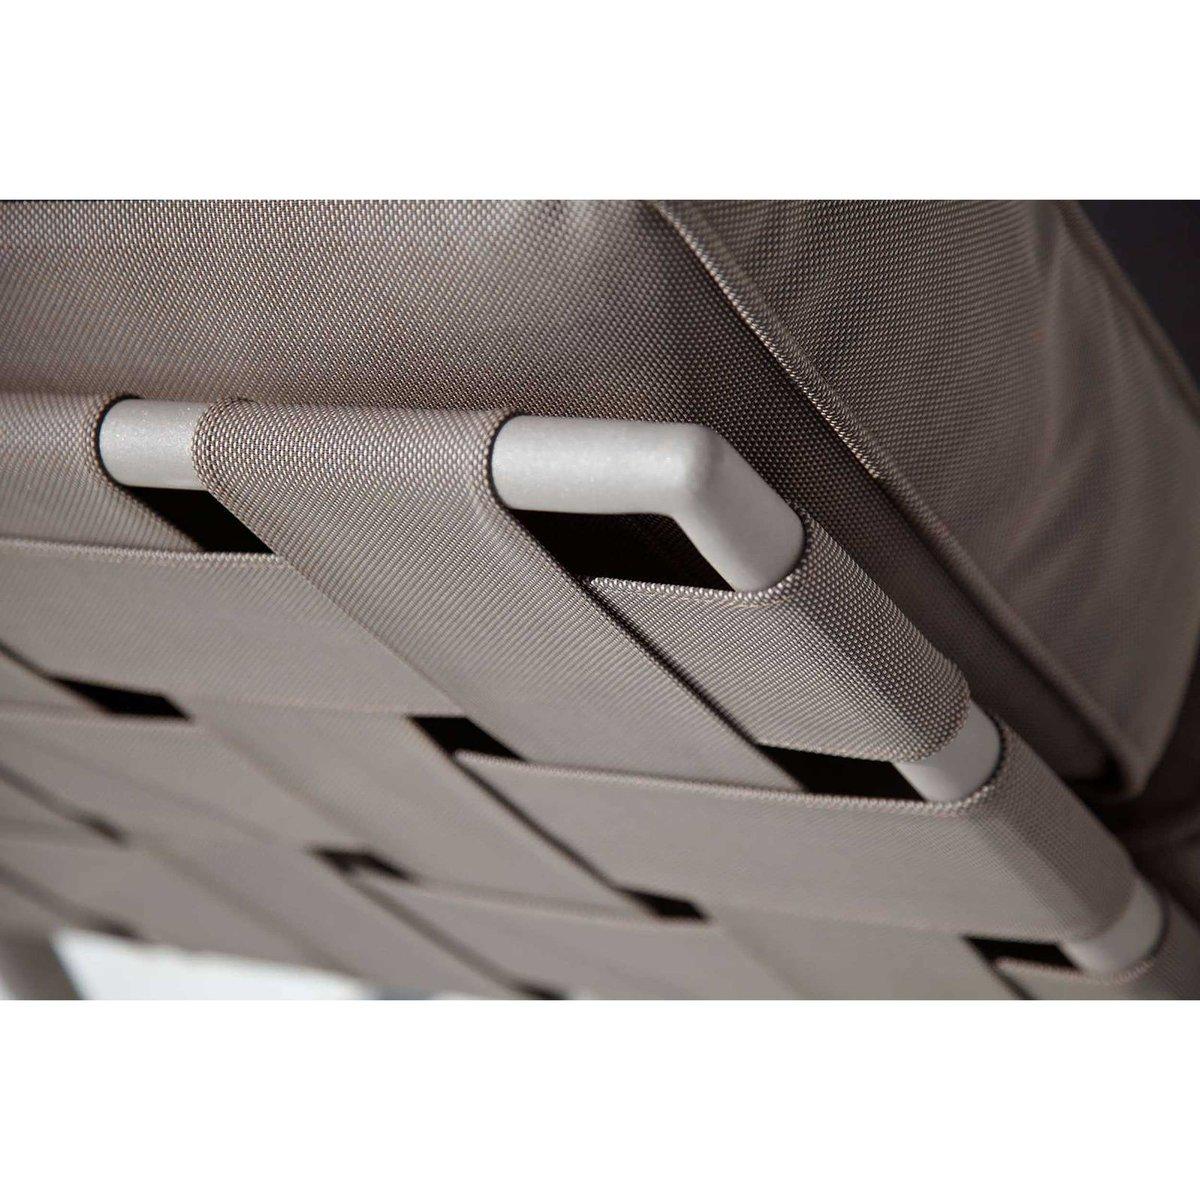 Bild 3 von Cane-line Gartensofa   Conic, Aluminium